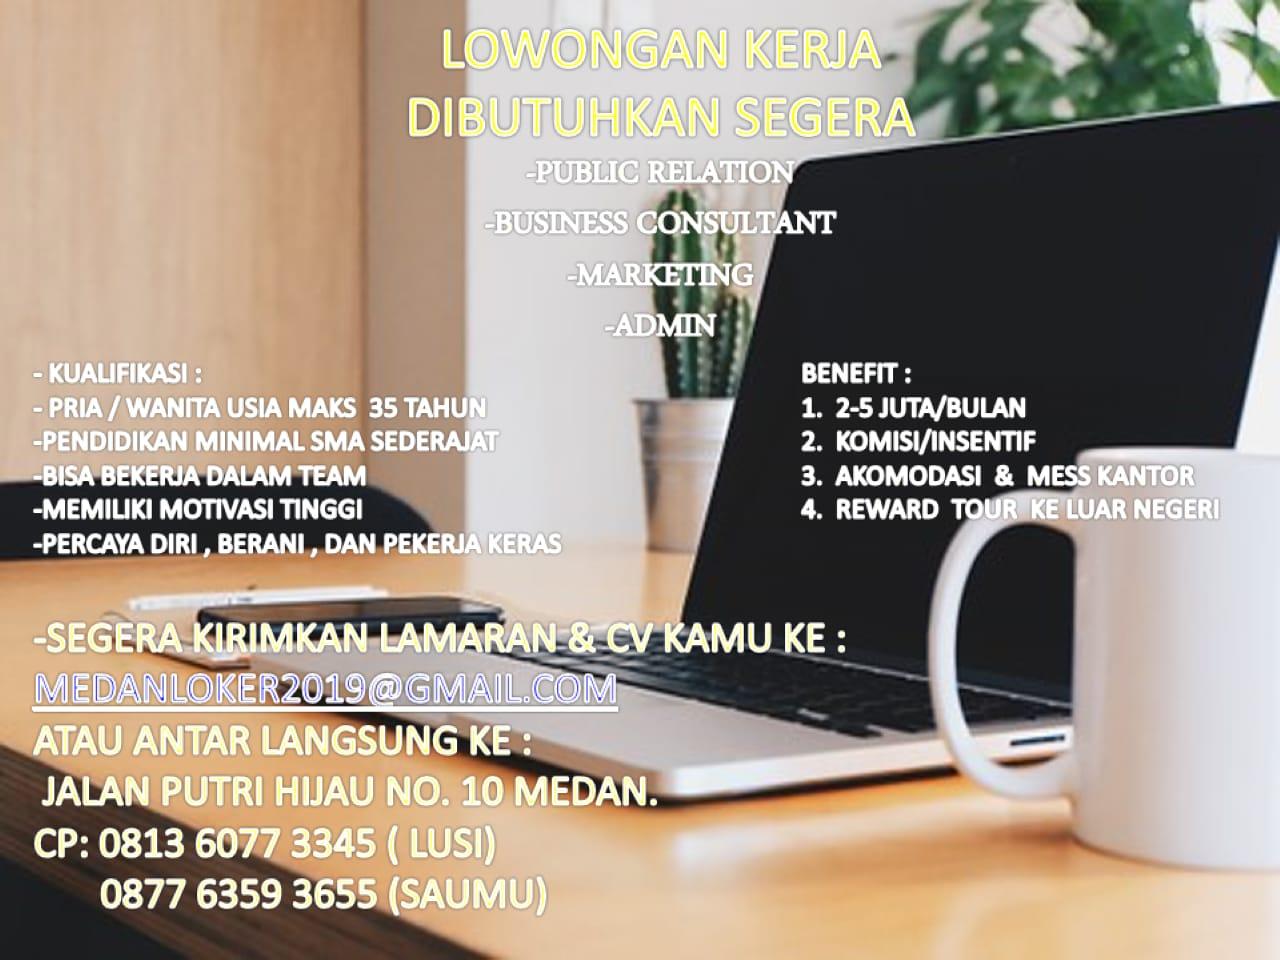 Lowongan Kerja Medan SMA Sedejarat Perusahaan Jasa ...